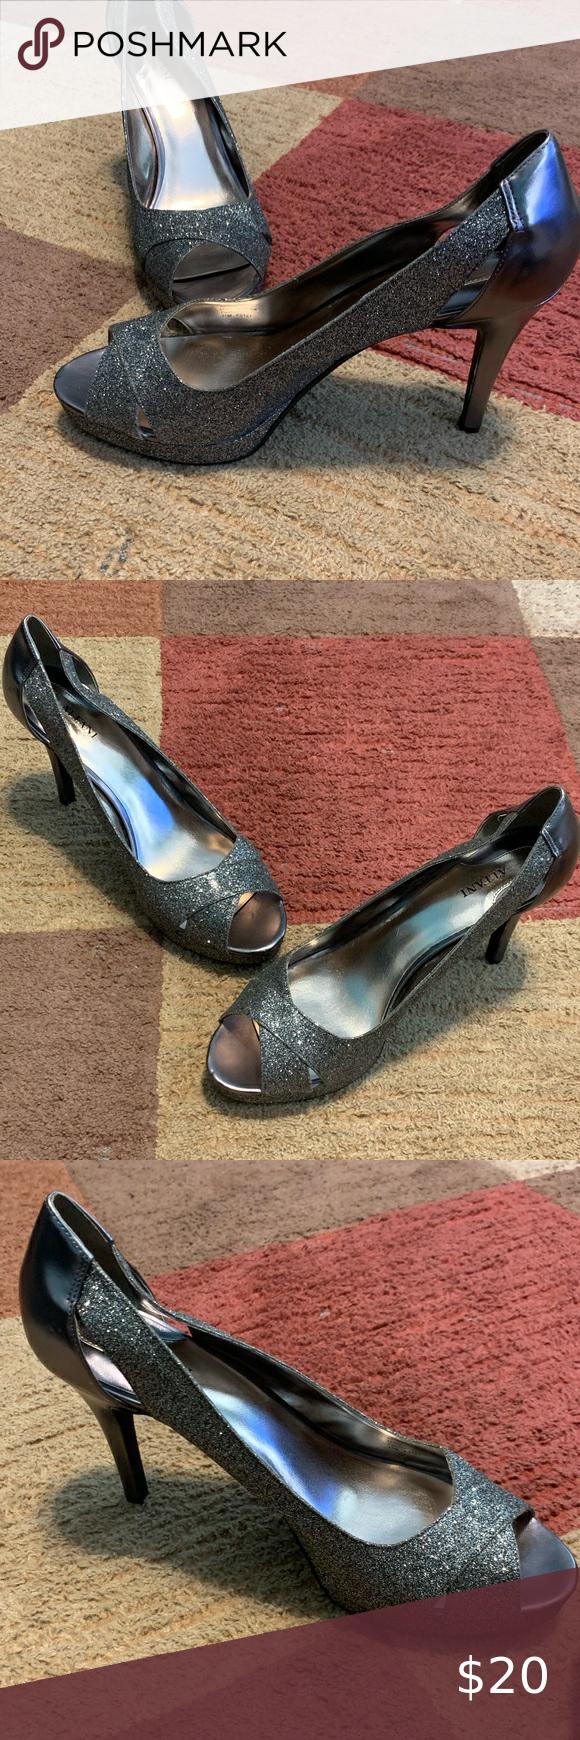 Silver Glitter pewter open toe heels in